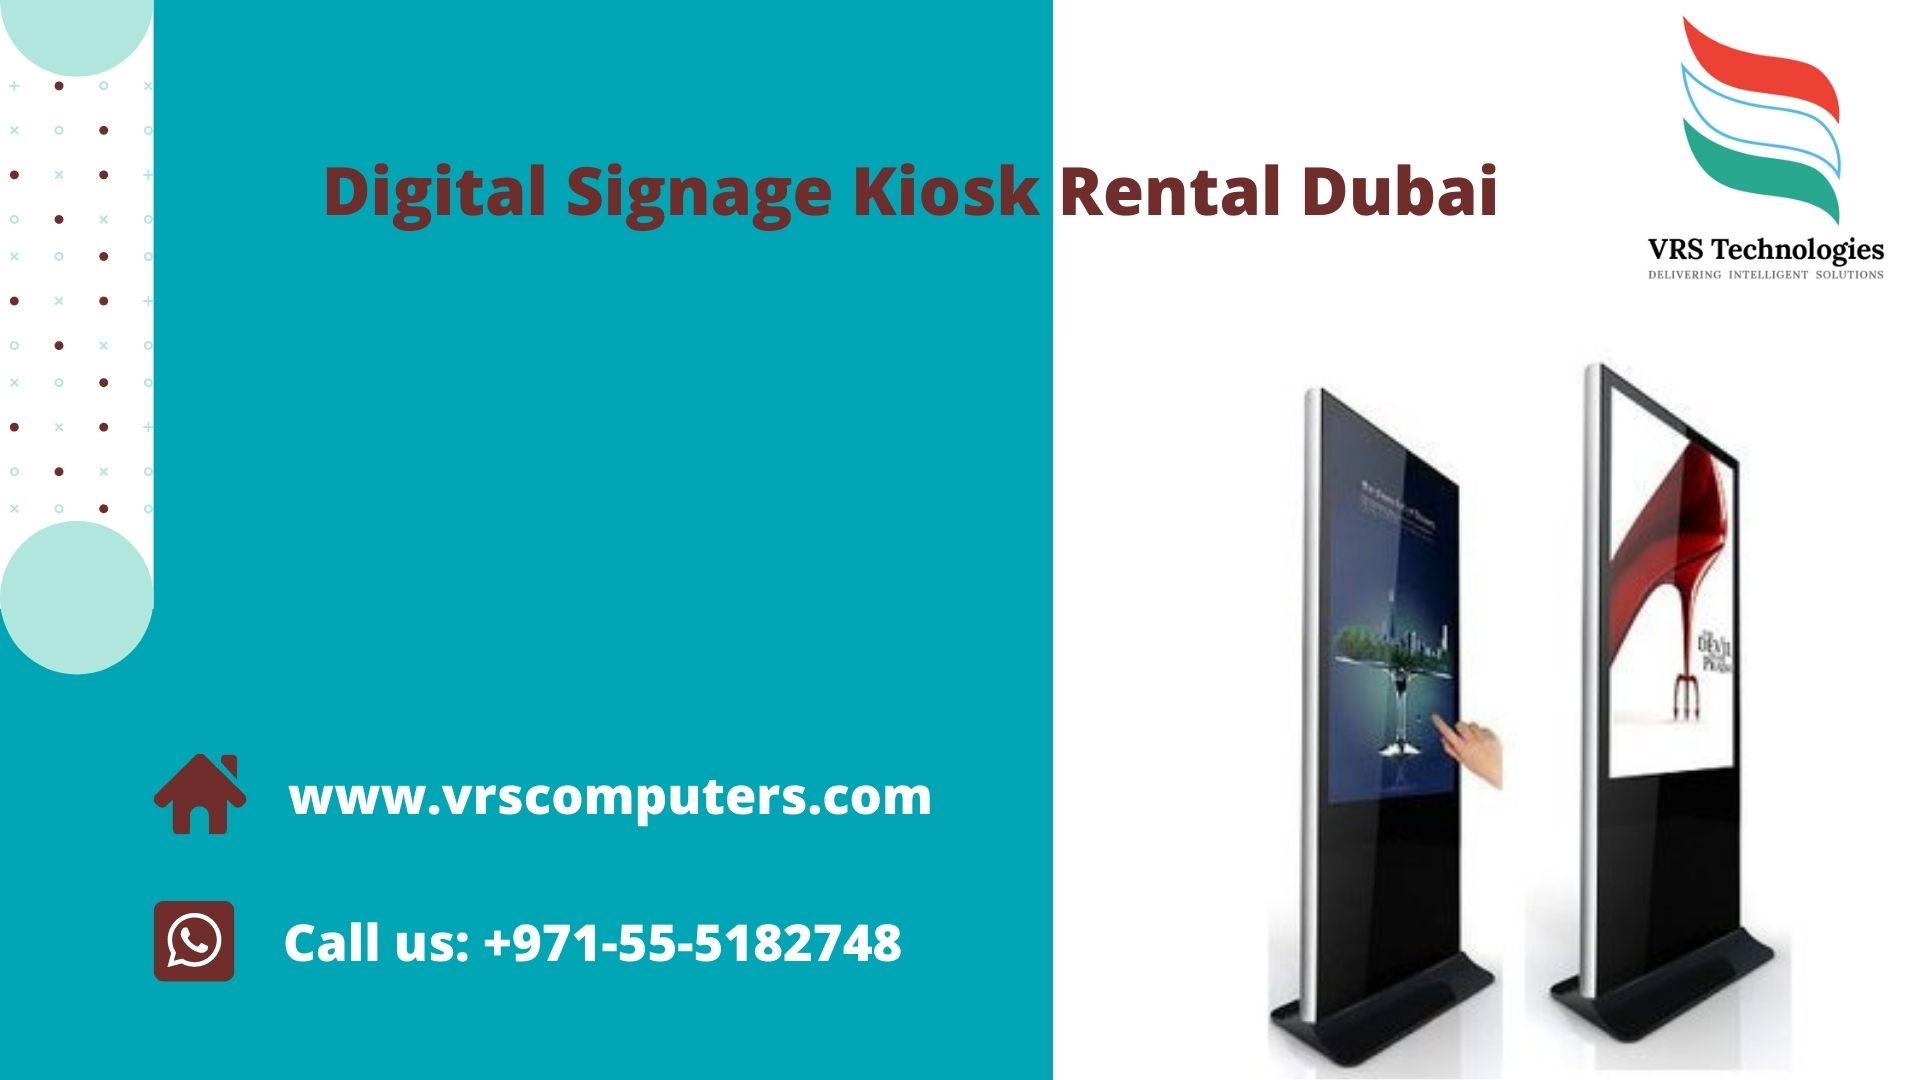 Digital-Signage-Kiosk-Rental-Dubai.jpg